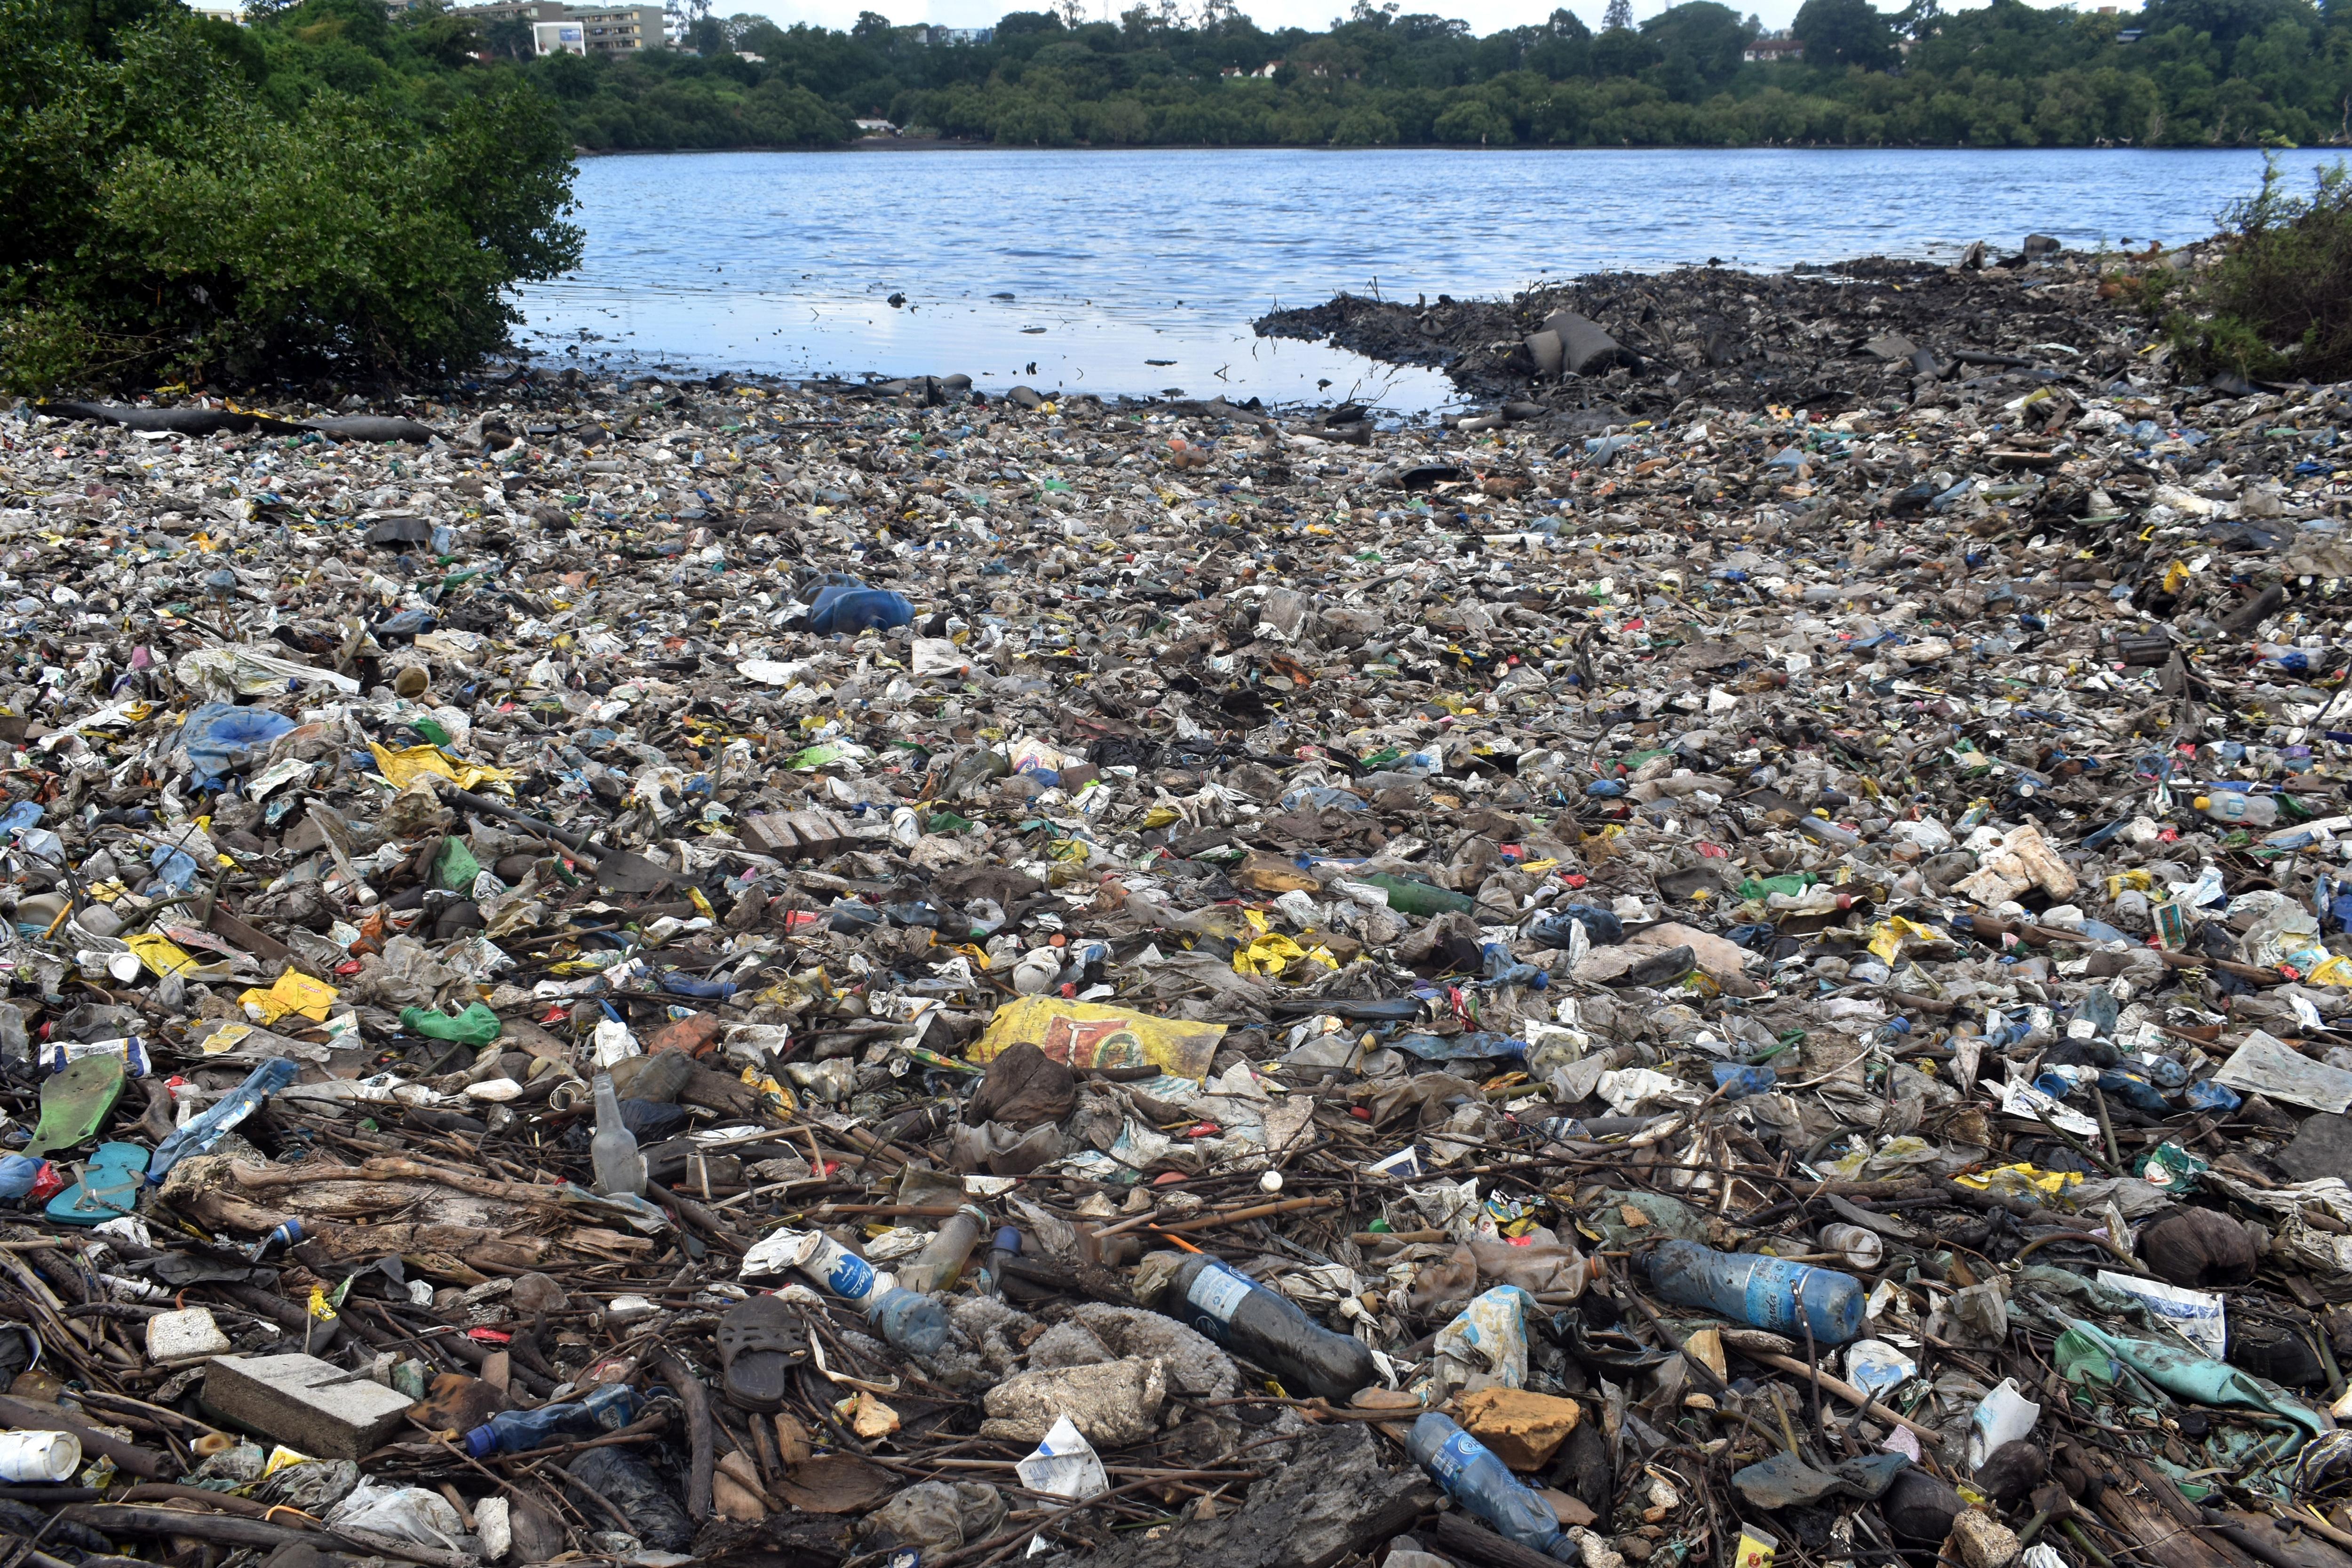 Bajban van az amerikai olajipar, úgyhogy kitalálták, hogy műanyagba fullasztanák Afrikát